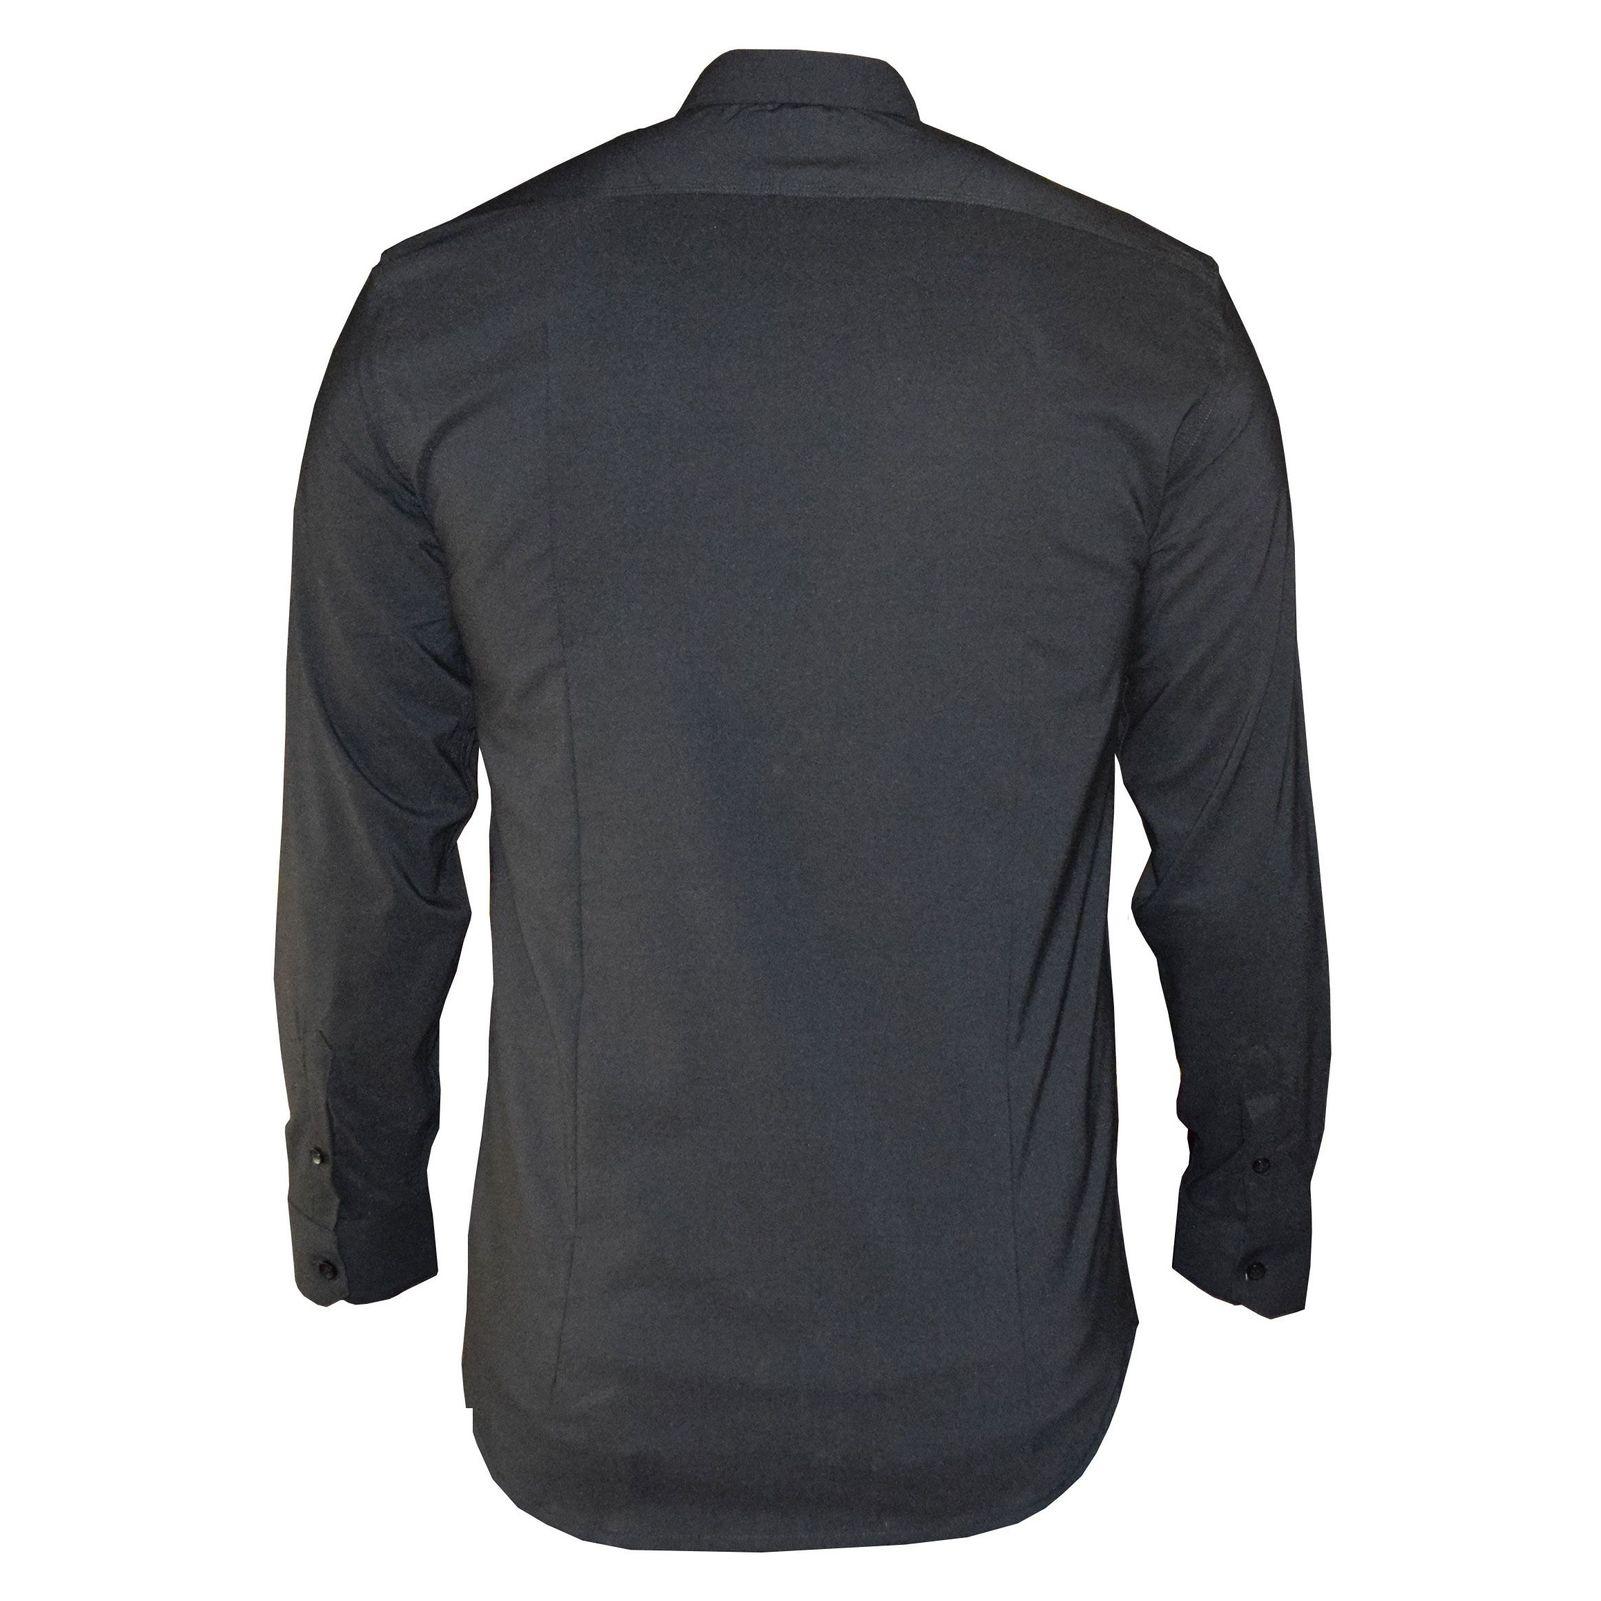 پیراهن مردانه پایتی جامه کد 1914109 main 1 6